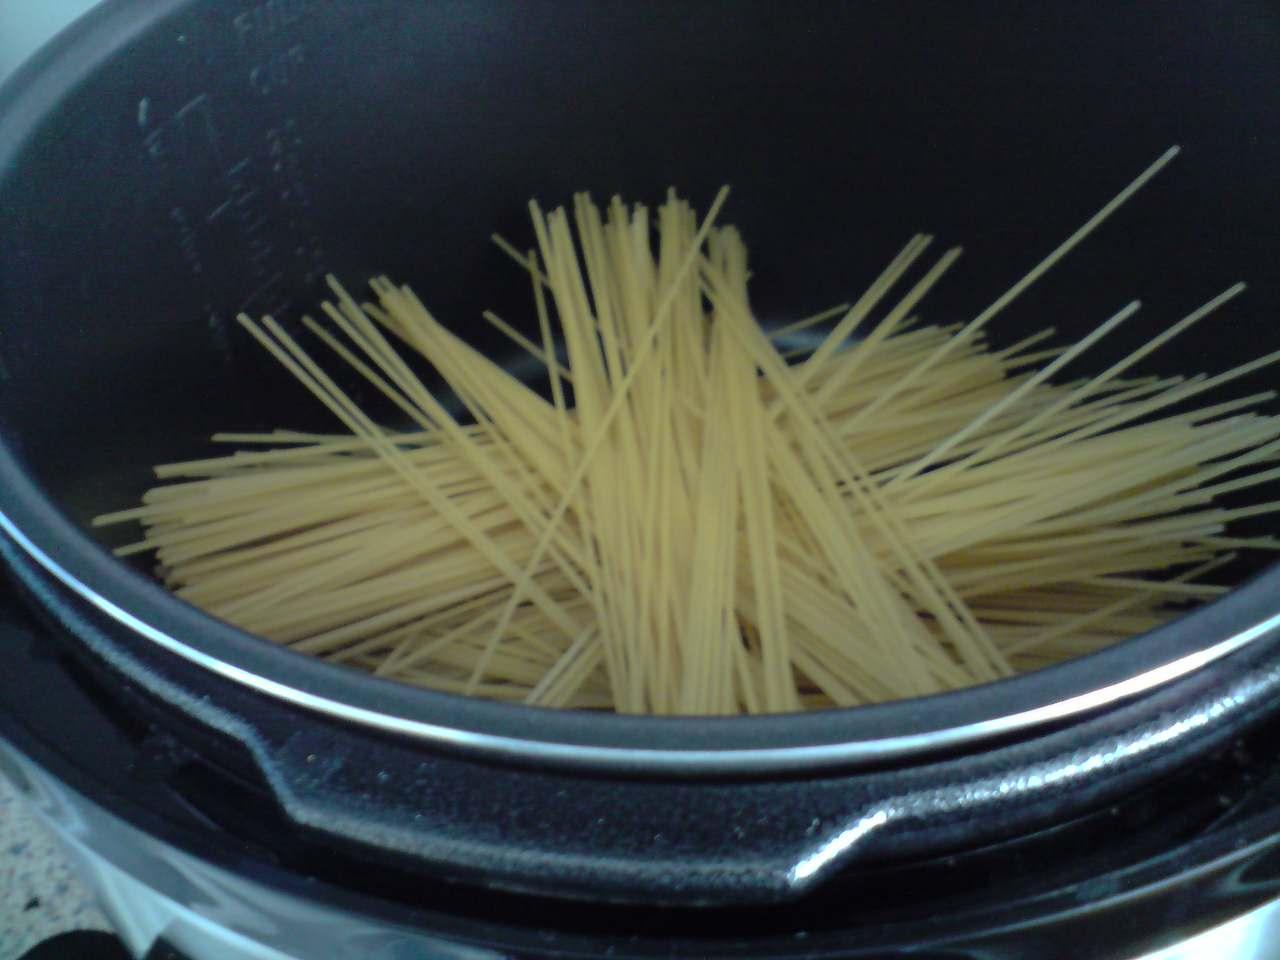 Cocinando con gm spaguetti en olla gm c de 10 litros for Cocinar con olla gm